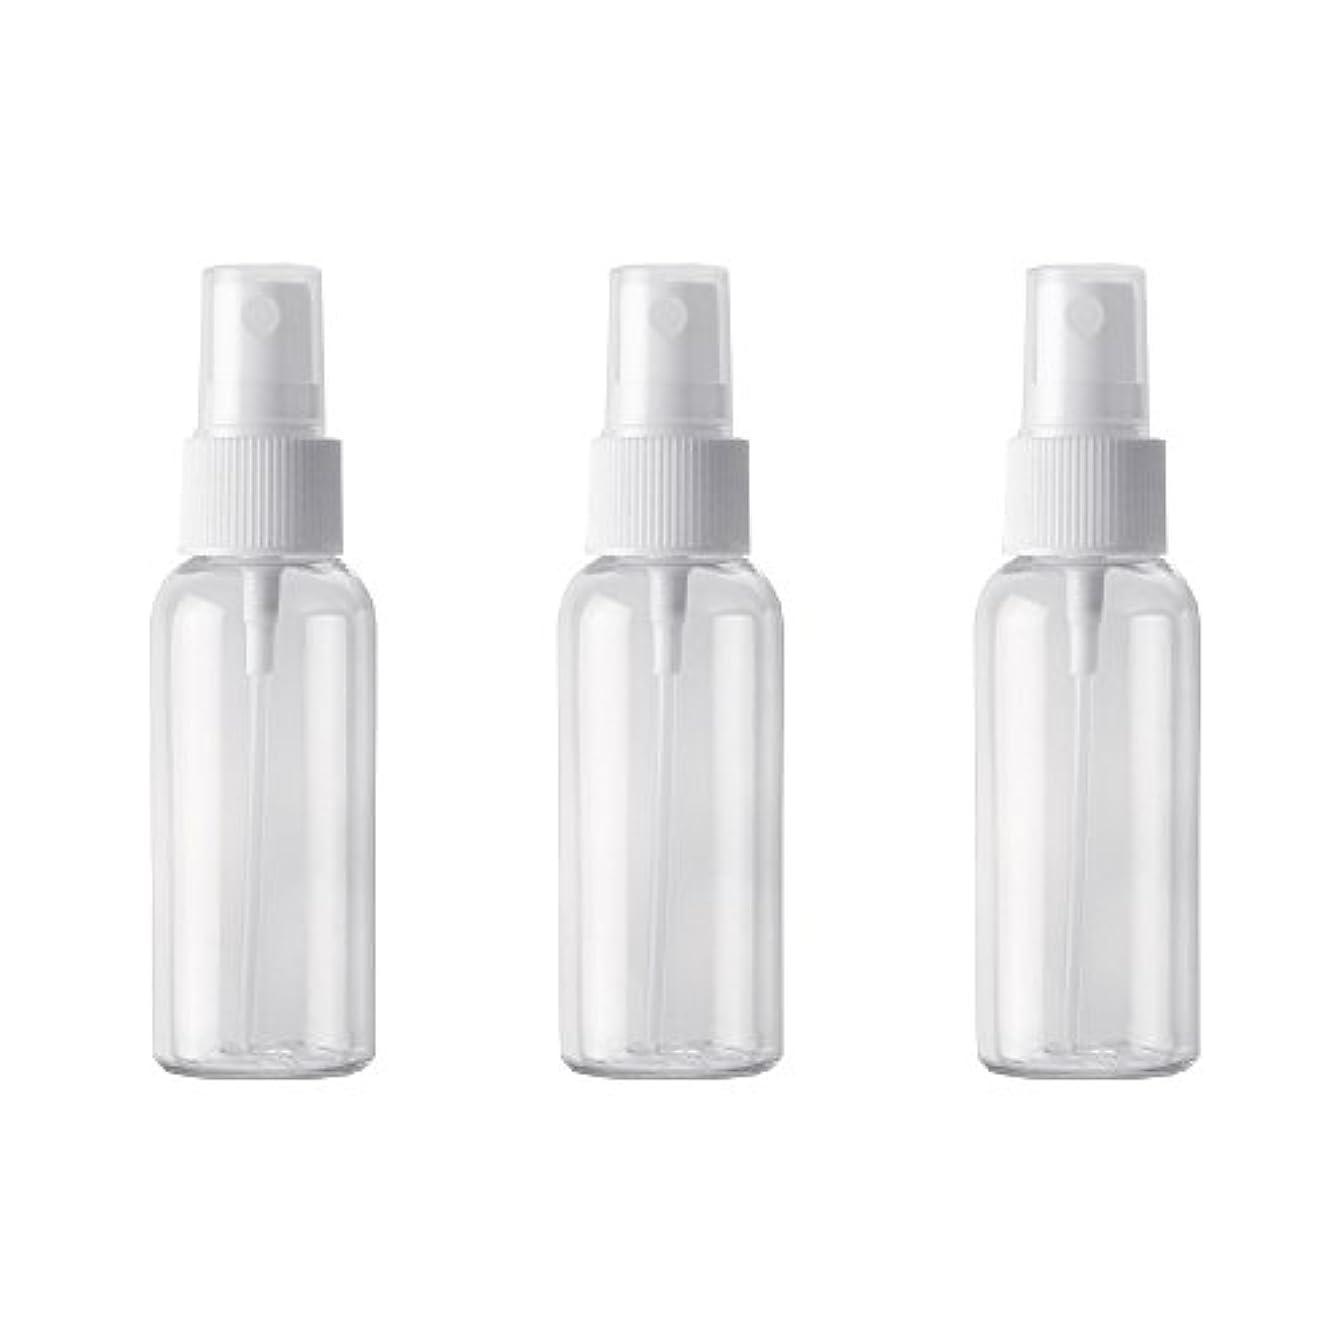 トロピカル雇ったから聞くPET小分けボトル トラベルボトル スプレーボトル 3本セット 霧吹き 小分け容器 化粧水 精製水 詰替ボトル 旅行用(50ml )